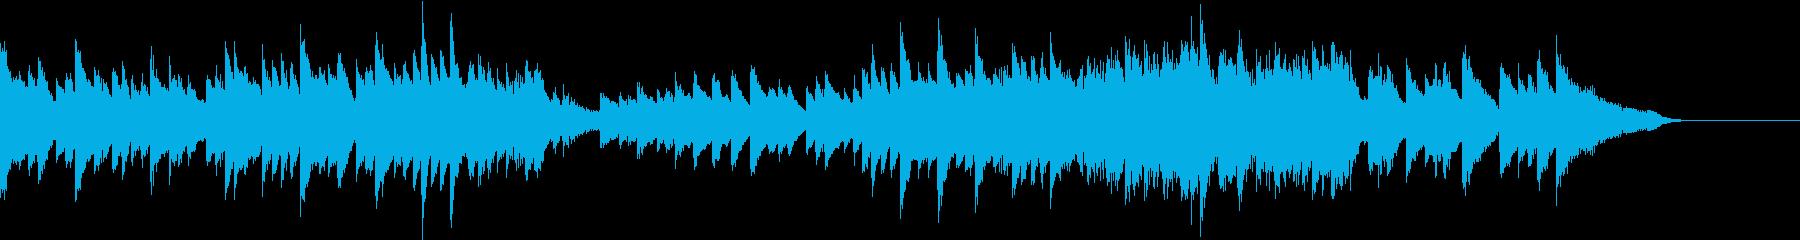 清々しい朝のクラシカルなピアノジングルの再生済みの波形